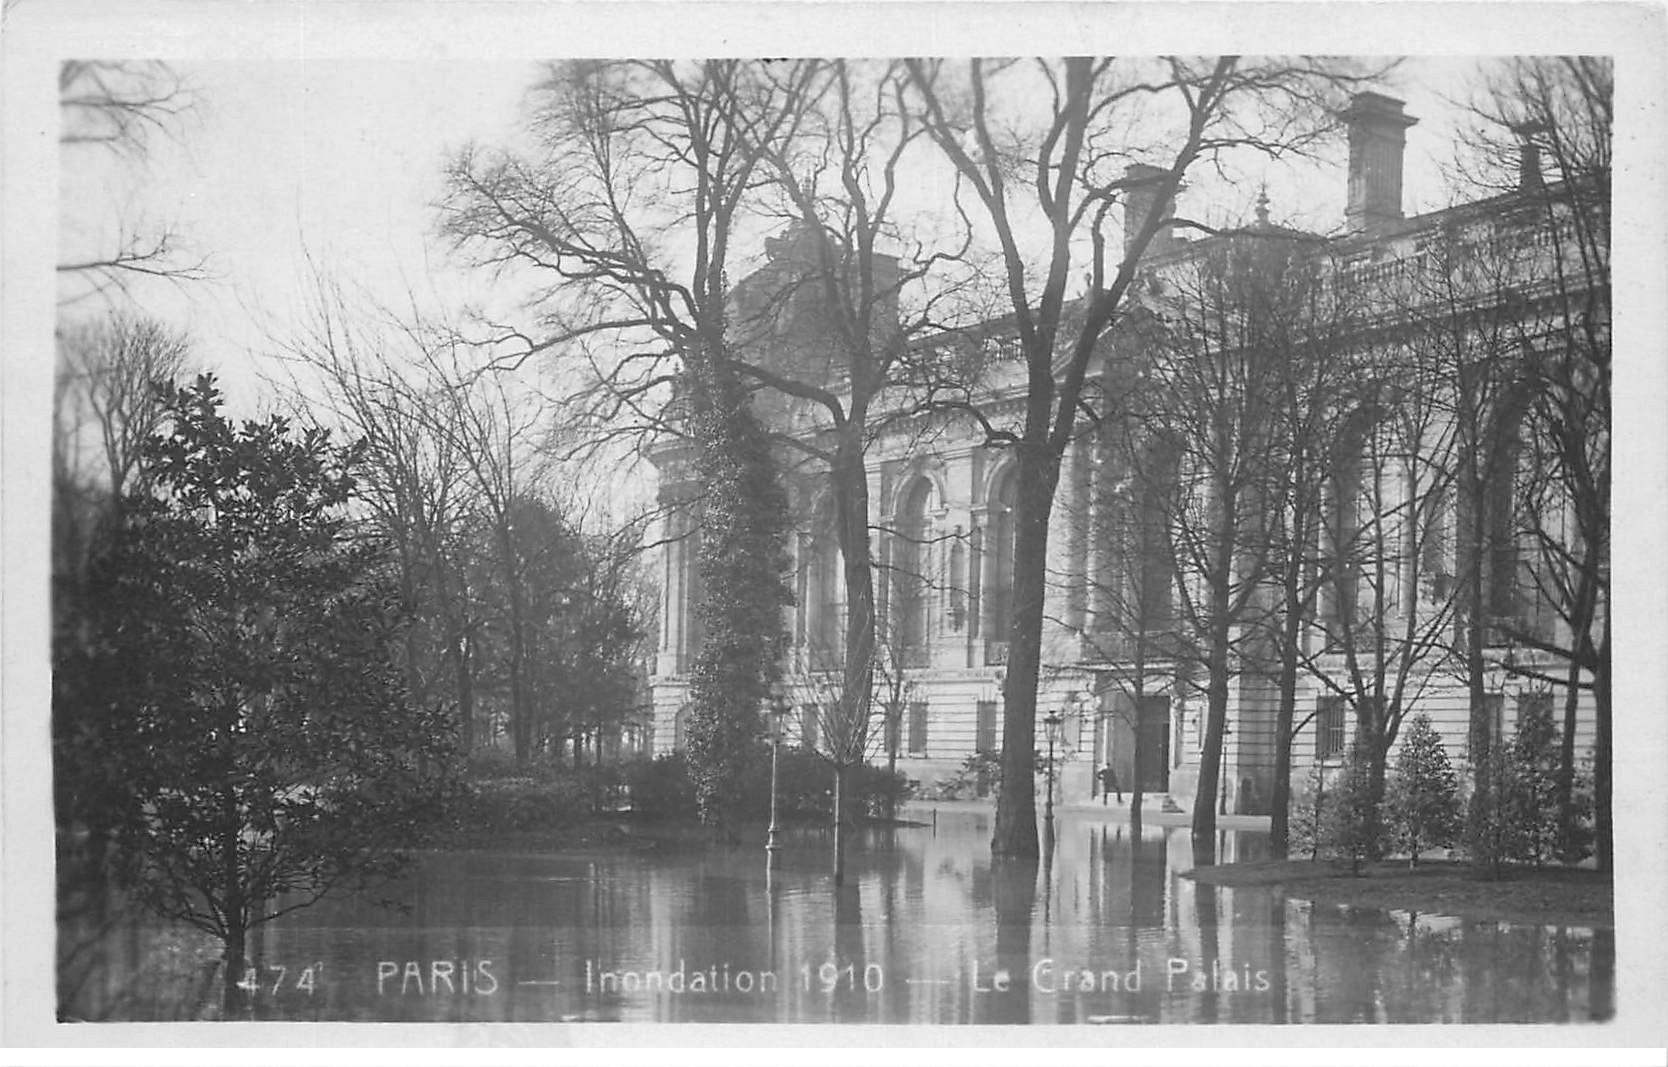 INONDATION DE PARIS 1910. Le Grand Palais. Edition Rose.